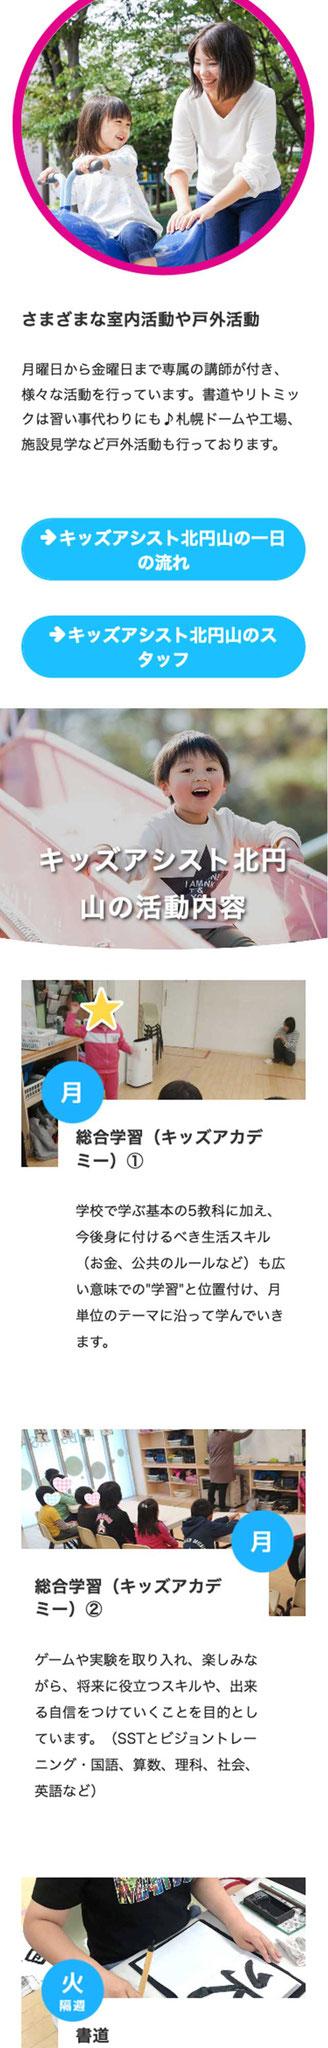 「キッズアシスト北円山」ページのモバイル表示2